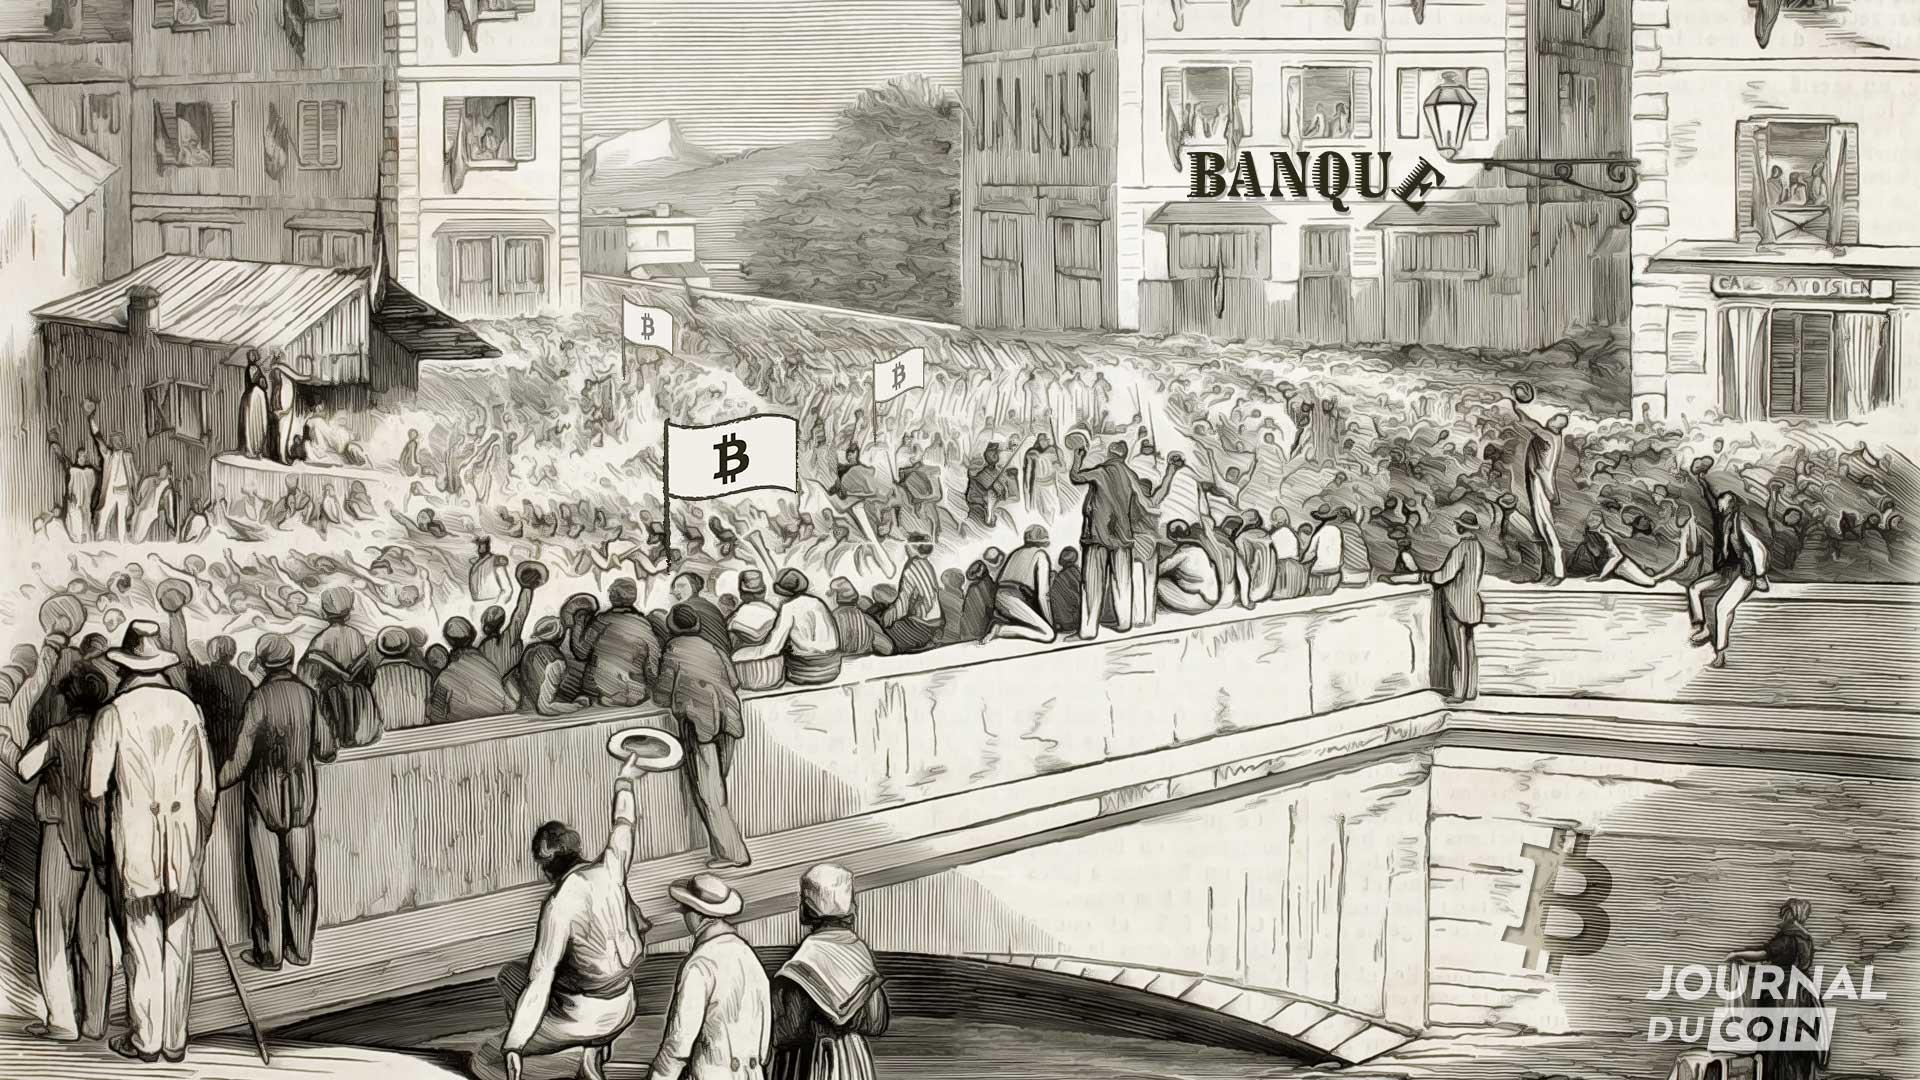 Les banques sont mortes, vive les banques ! – La révolution de l'open banking